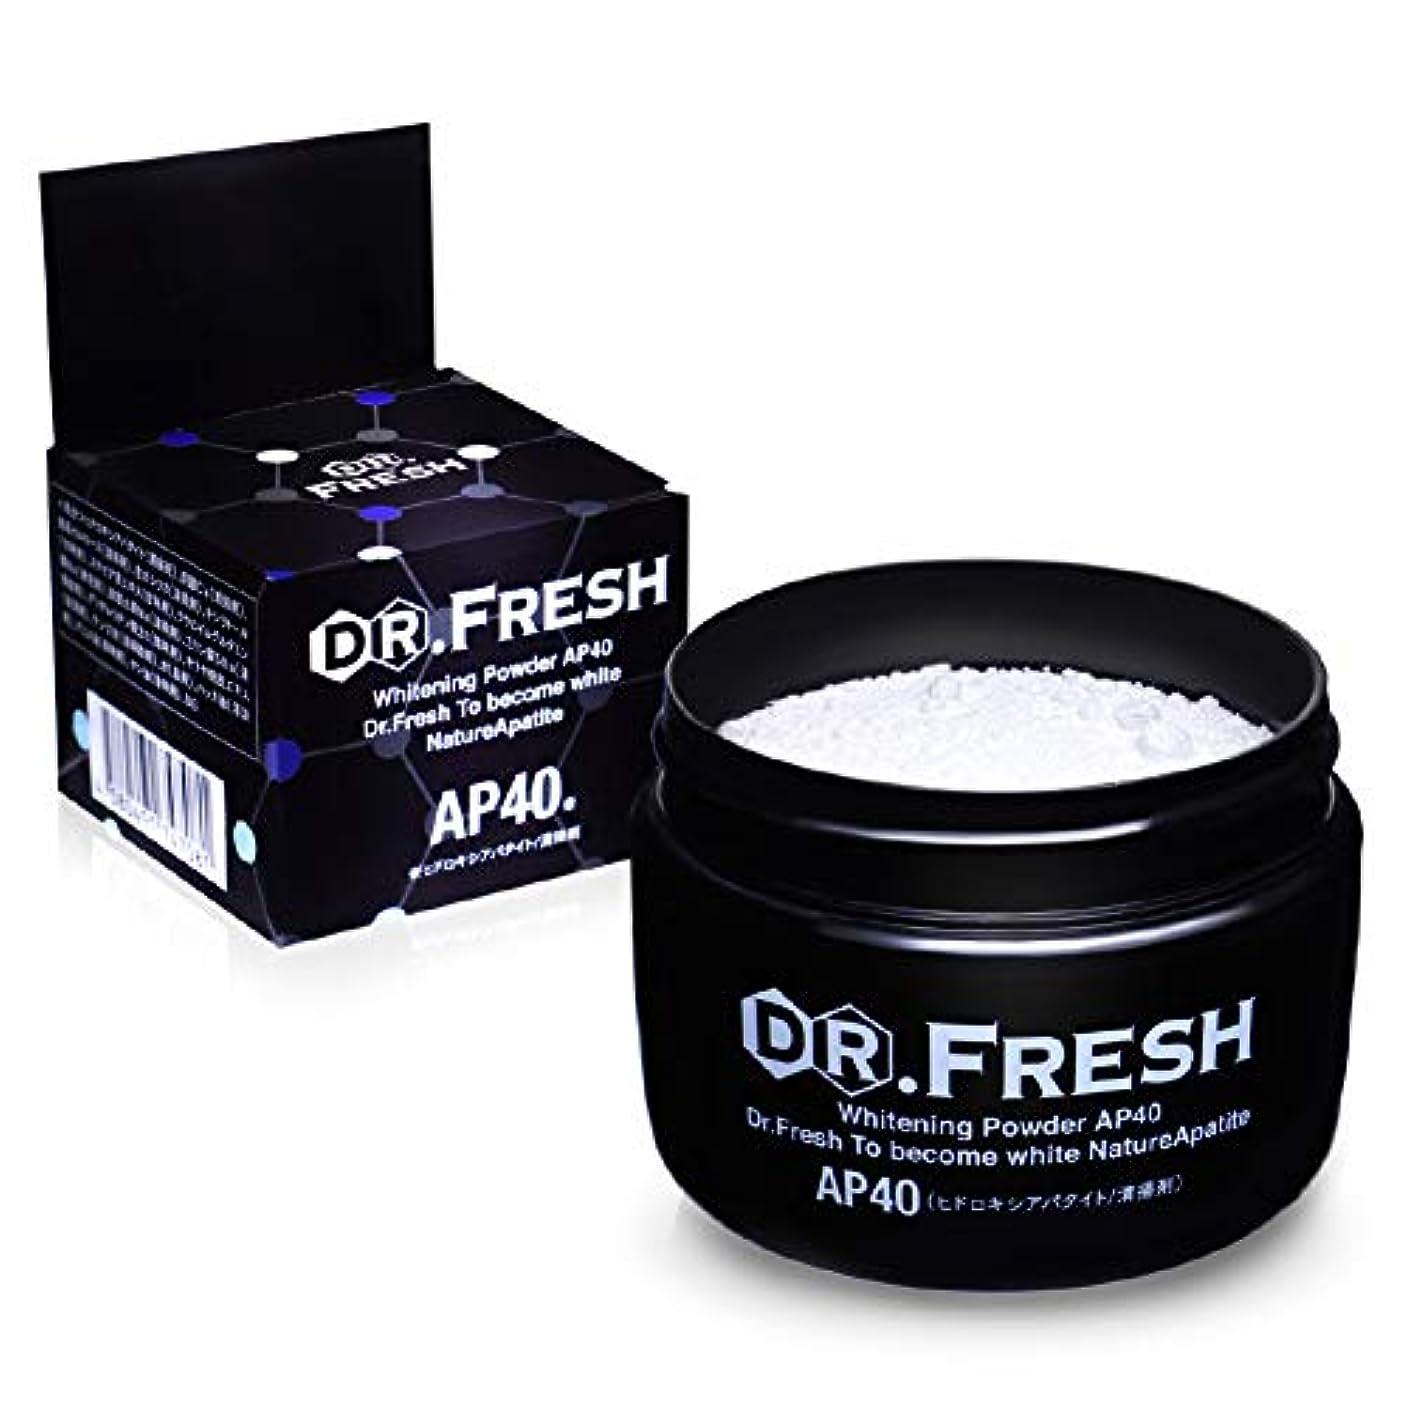 スクラブ落花生砂利Dr.Fresh(ドクターフレッシュ) ホワイトニングパウダー 特許成分の天然コーラルアパタイト配合